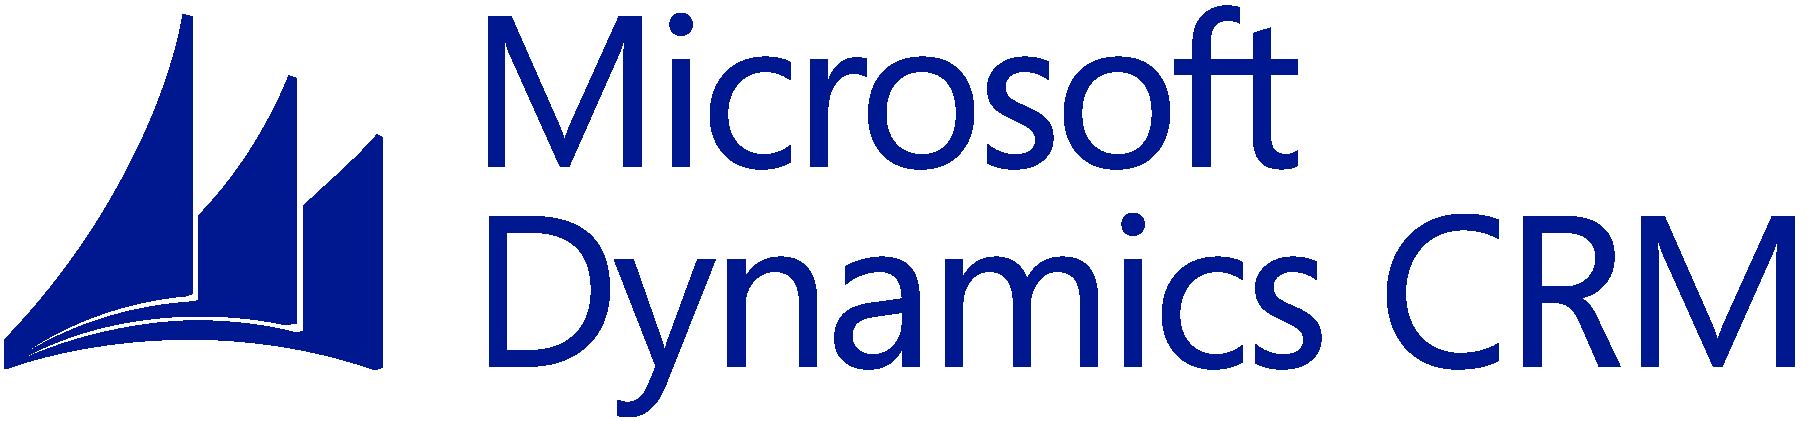 Afbeeldingsresultaat voor dynamics crm logo